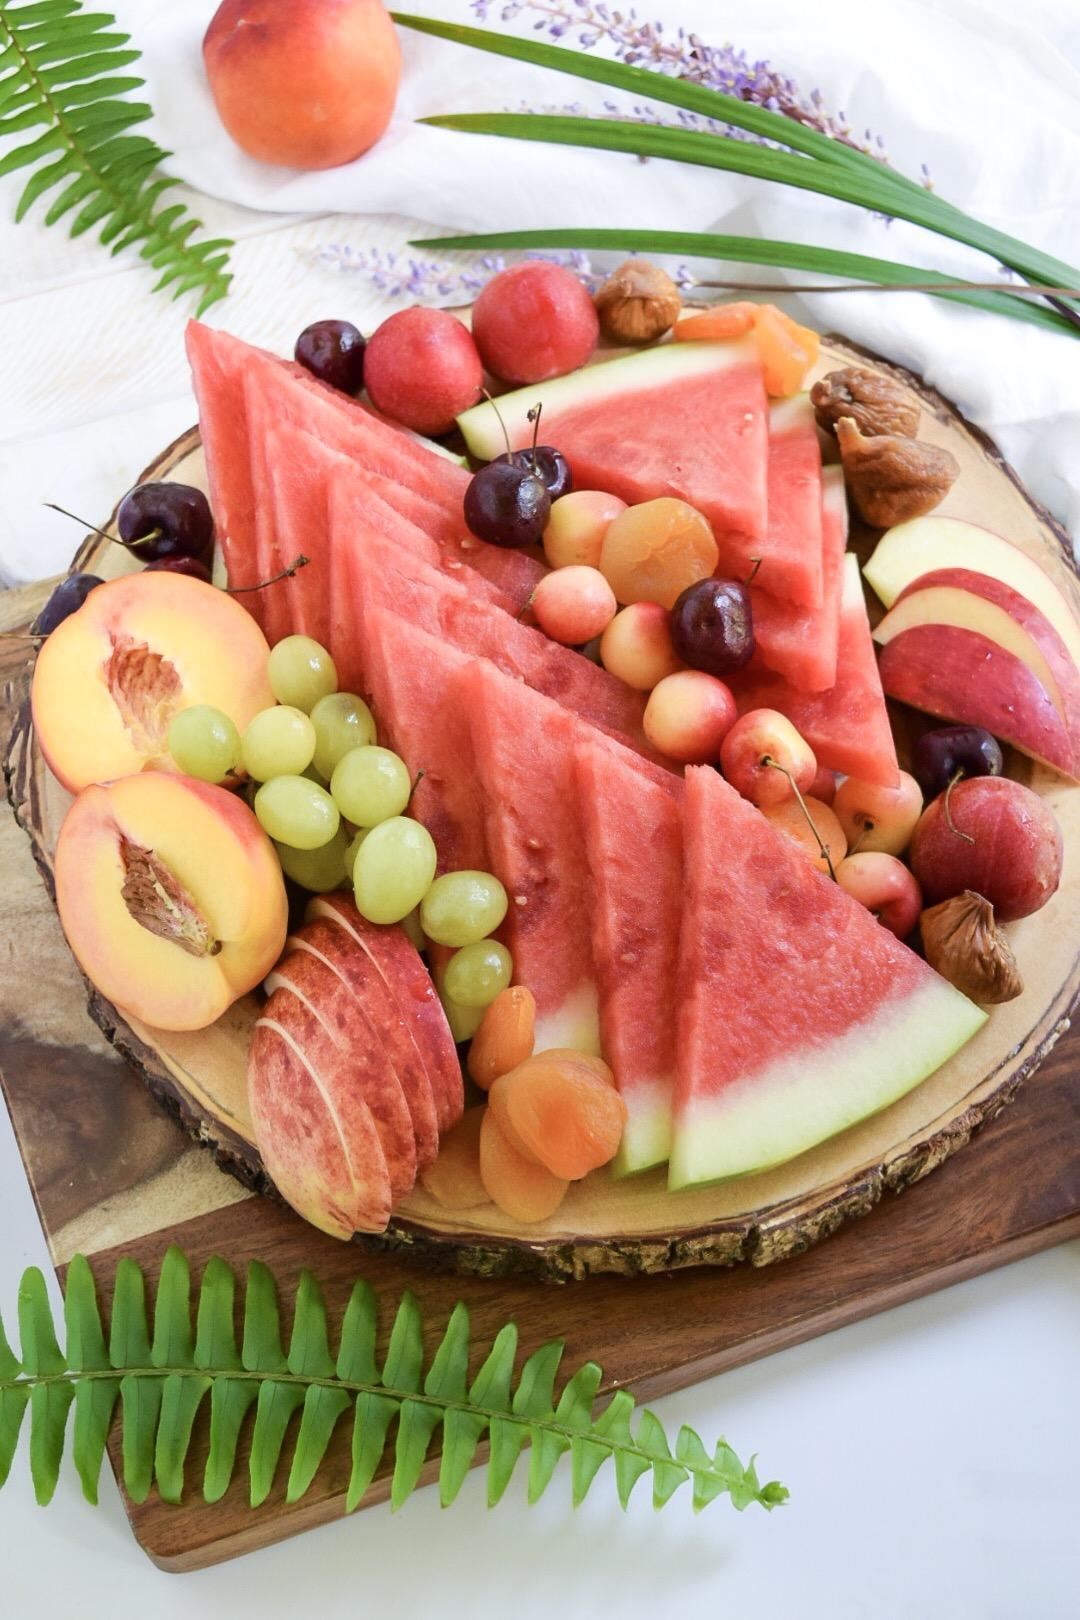 جميع أنواع الفاكهة